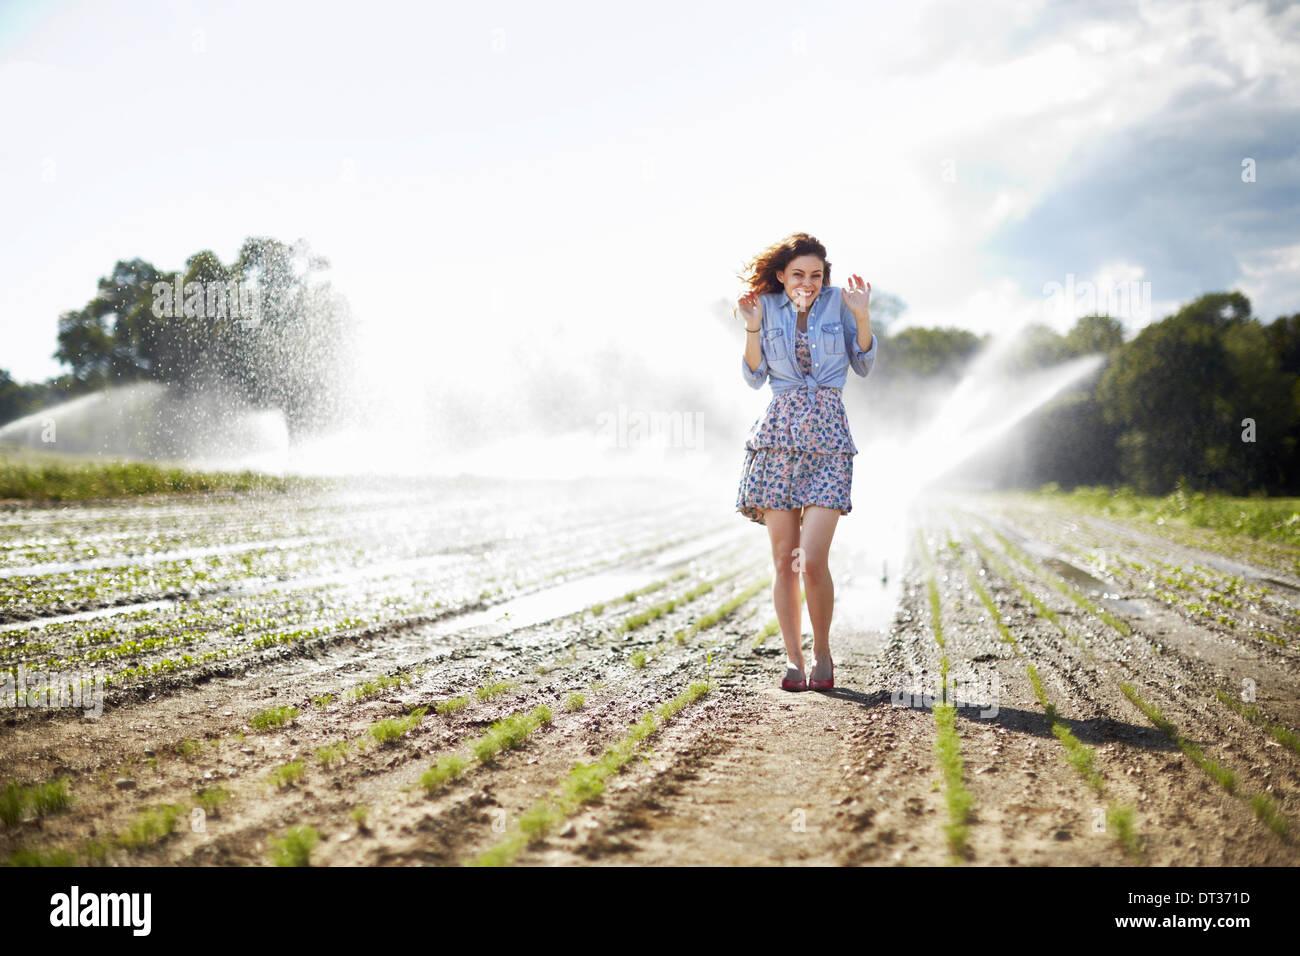 Eine junge Frau in Jeans Jacke Stellung in einem Bereich Bewässerung Sprinkler im Hintergrund arbeiten Stockbild